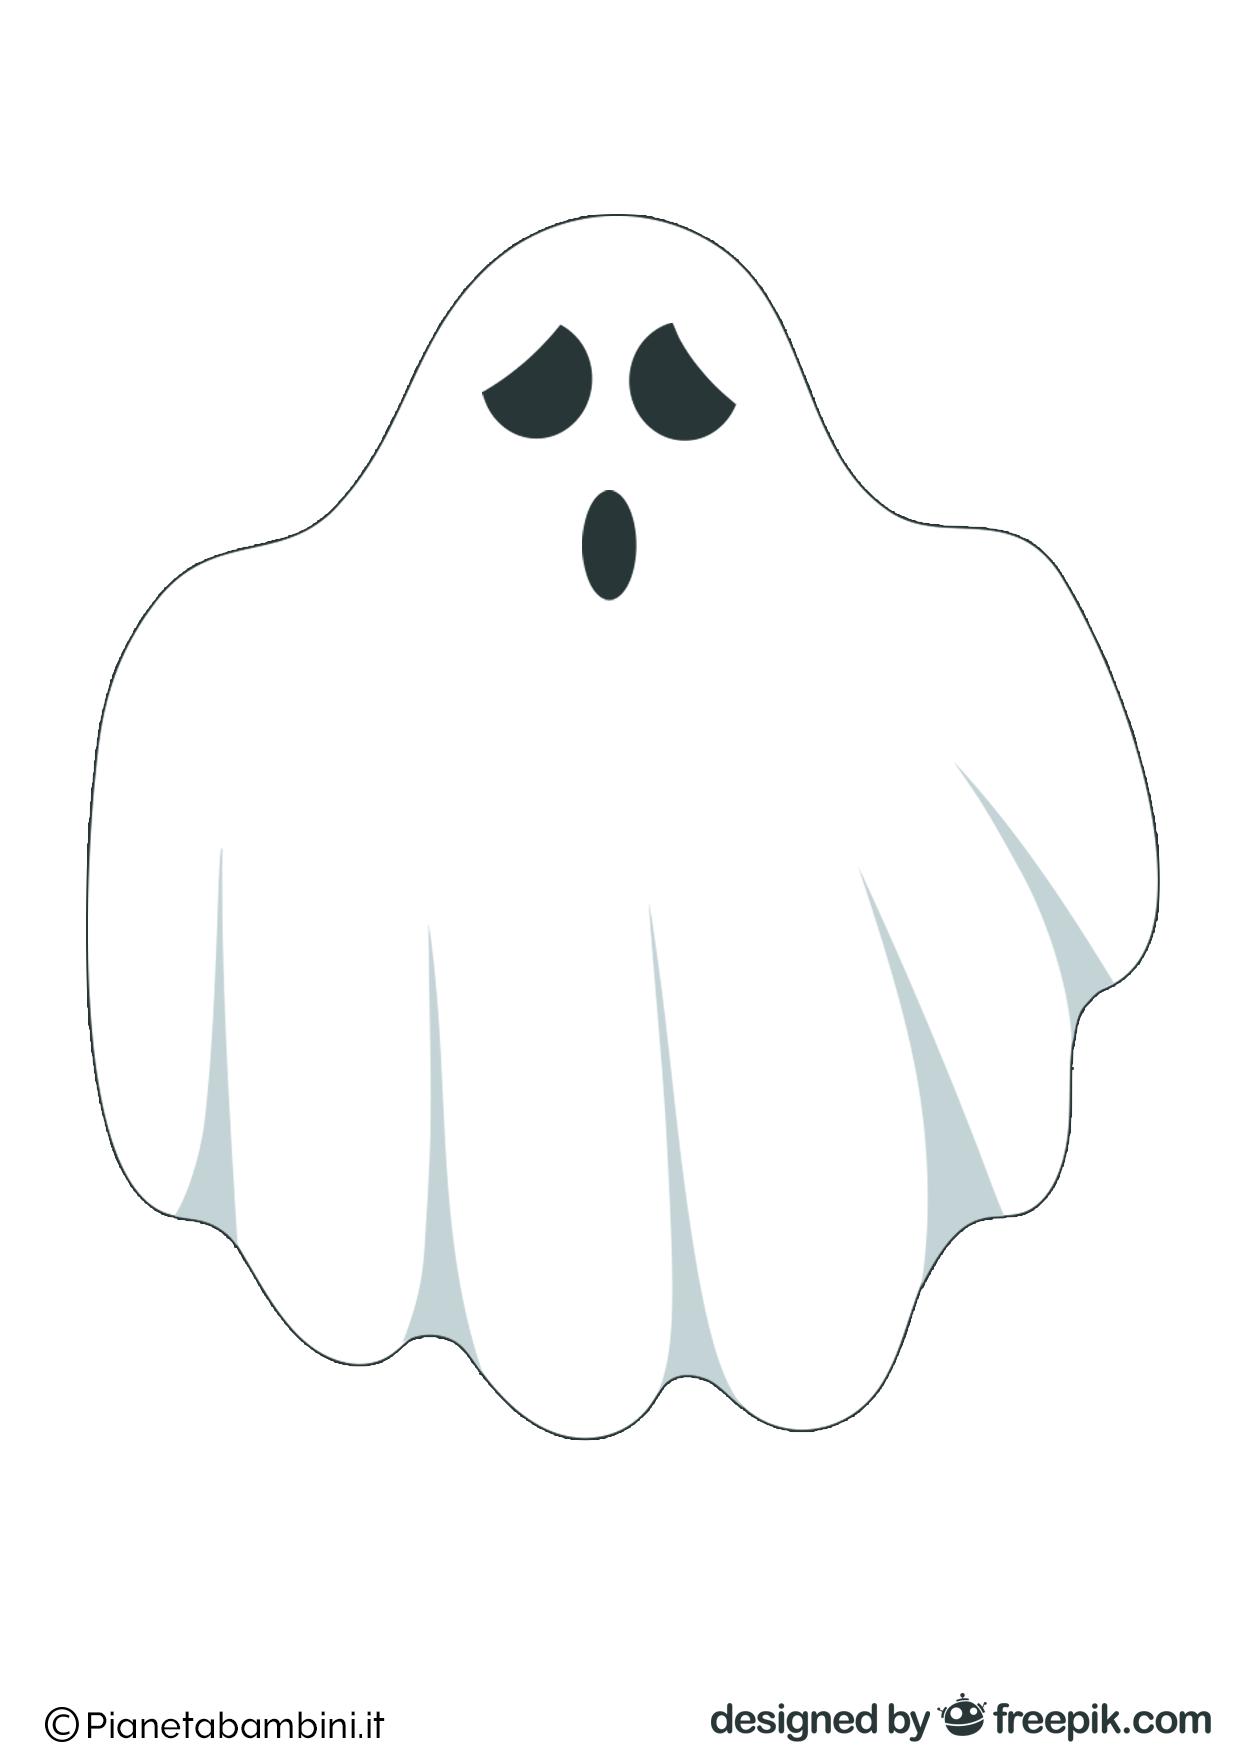 Immagini di fantasmi da stampare e ritagliare